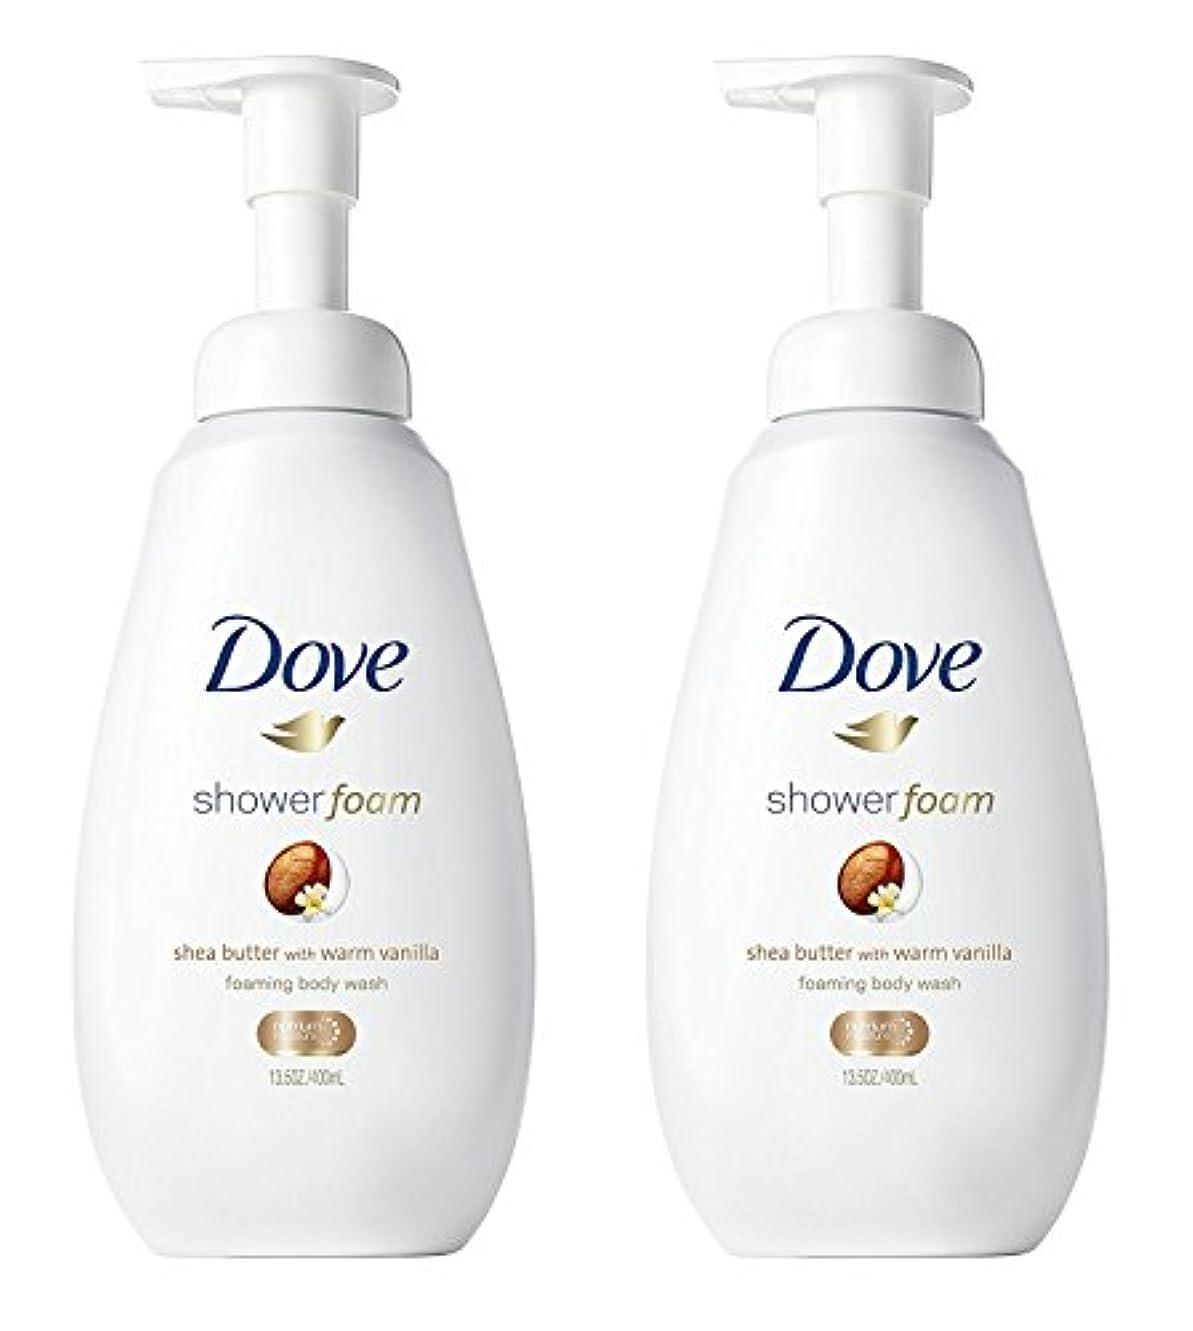 Dove シャワー泡 - ウォームバニラシアバター - - ボディウォッシュを発泡ネット重量。ボトルあたり13.5液量オンス(400ml)を - 2本のボトルのパック